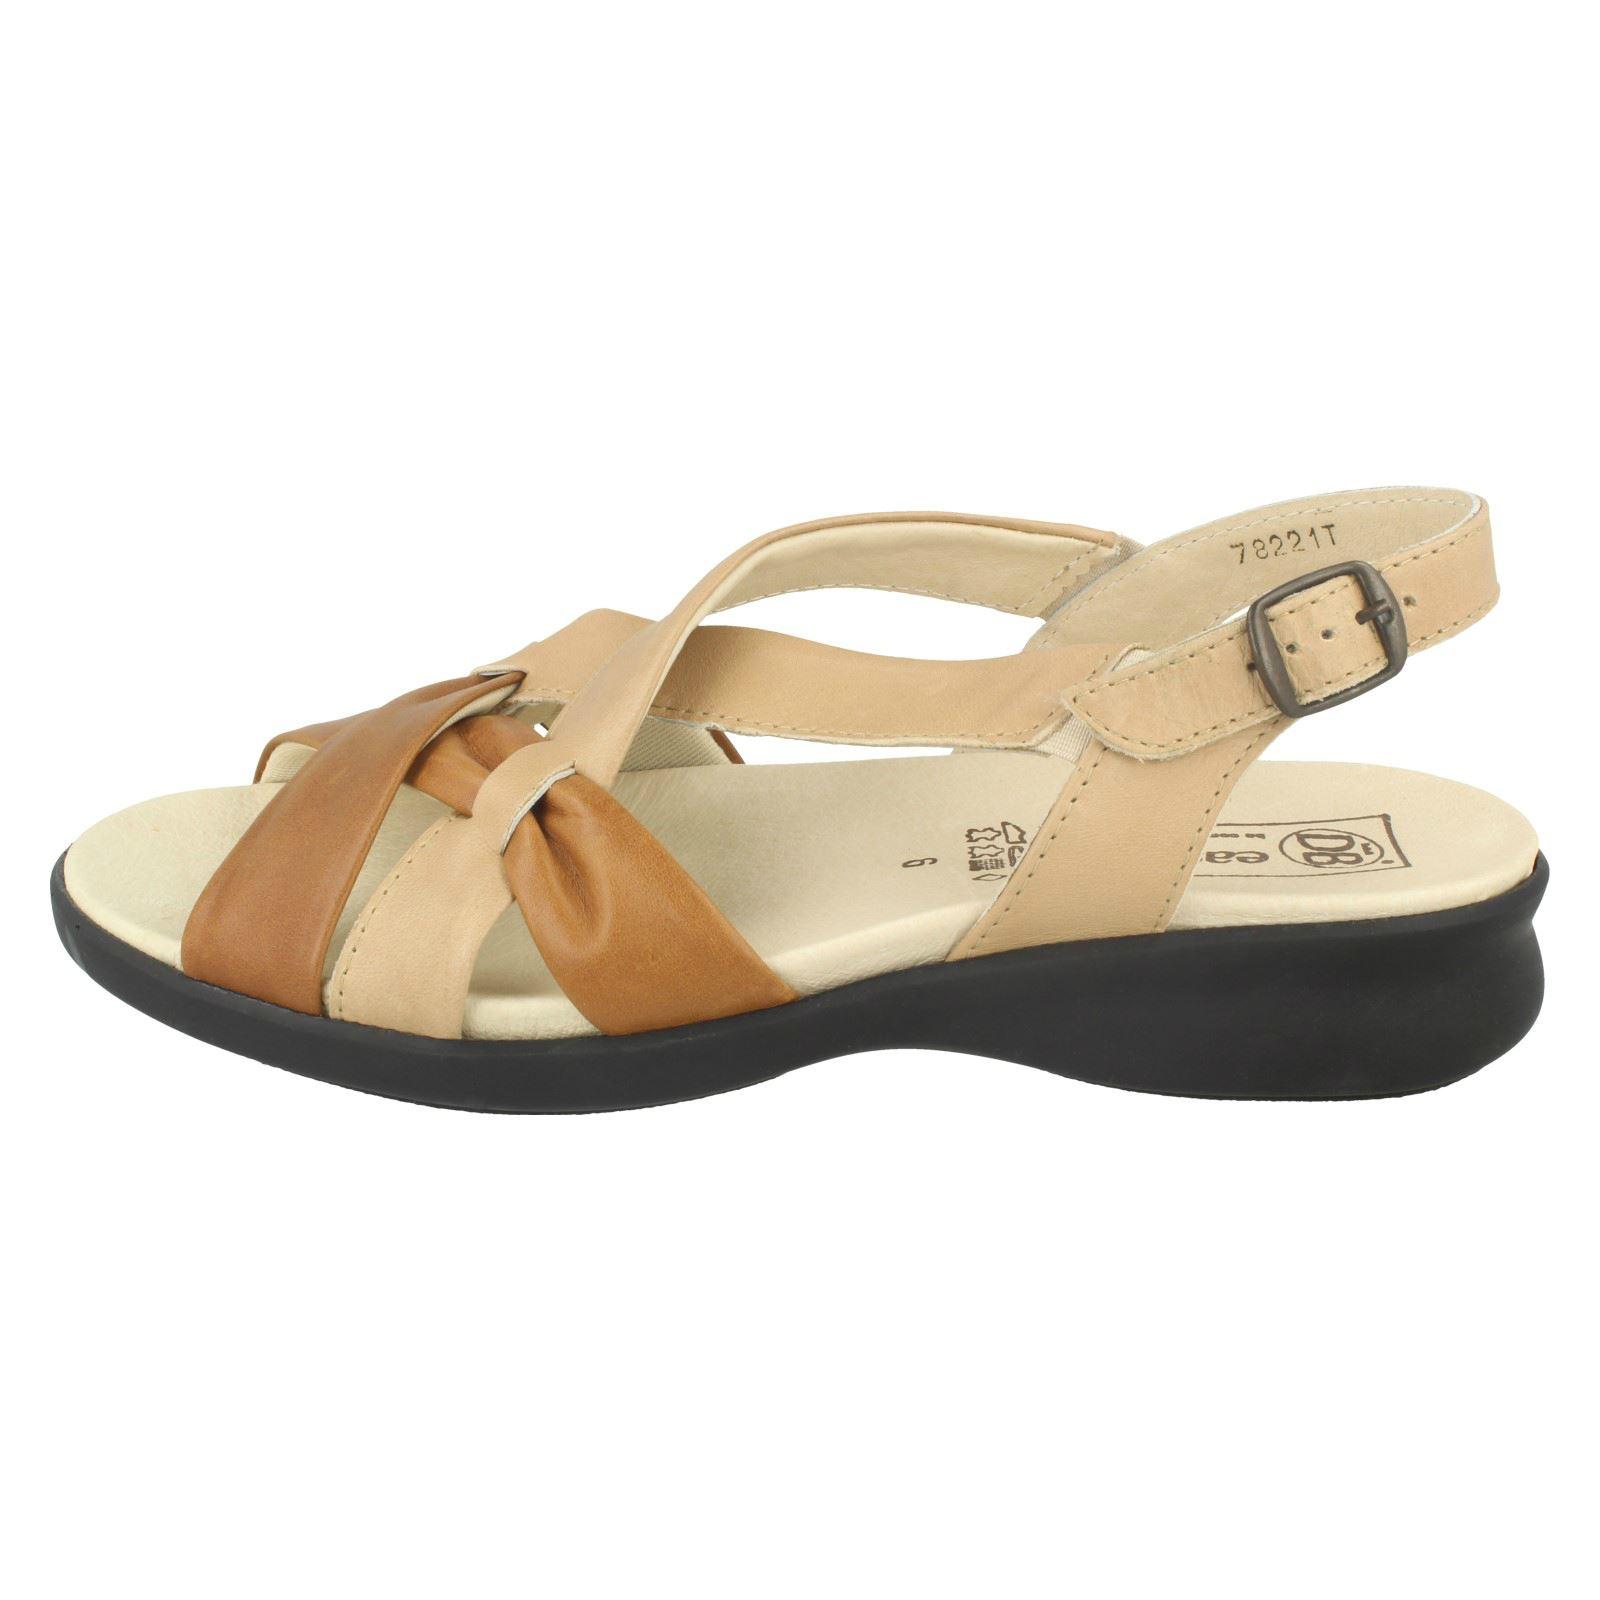 cuir beige Sand Tan en Stroud Easy Ladies Sandales B WnBzxqHPXv